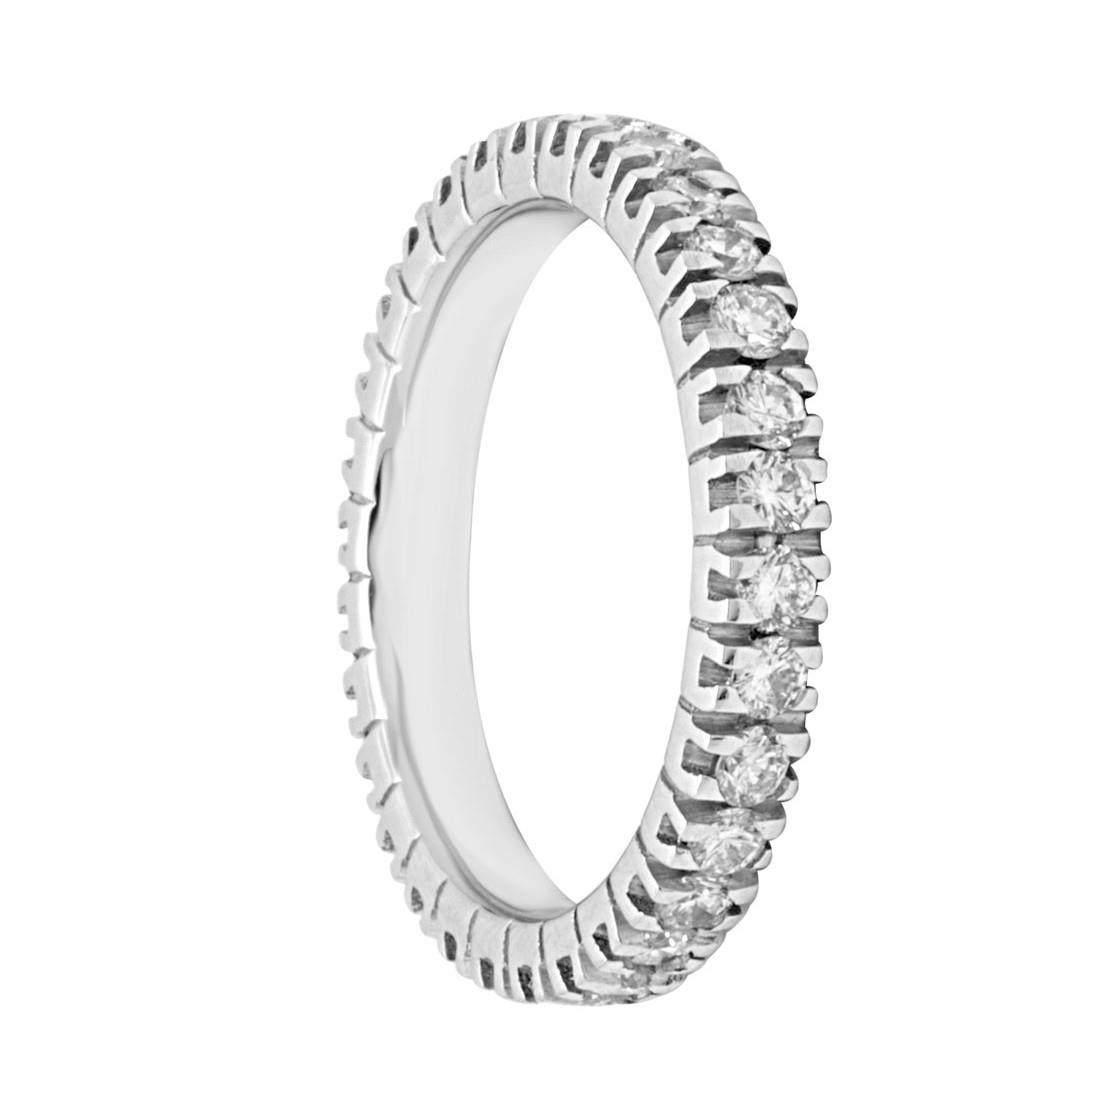 Anello eternity in oro bianco con diamanti mis 11 - ORO&CO